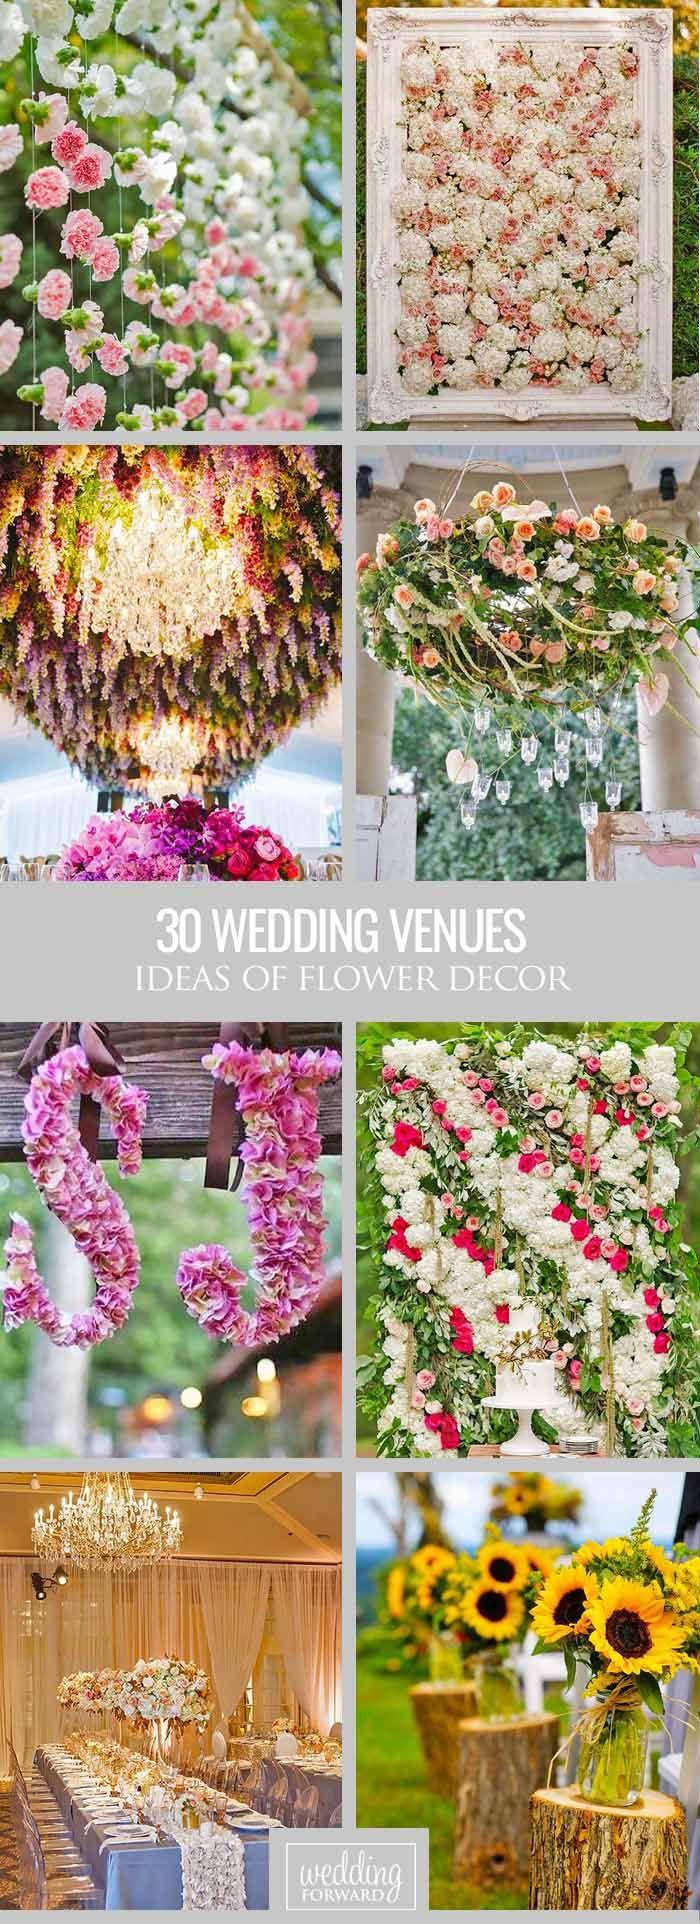 Wedding venue decoration images   Ideas For Decorating Your Wedding Venue With Flowers  Flower